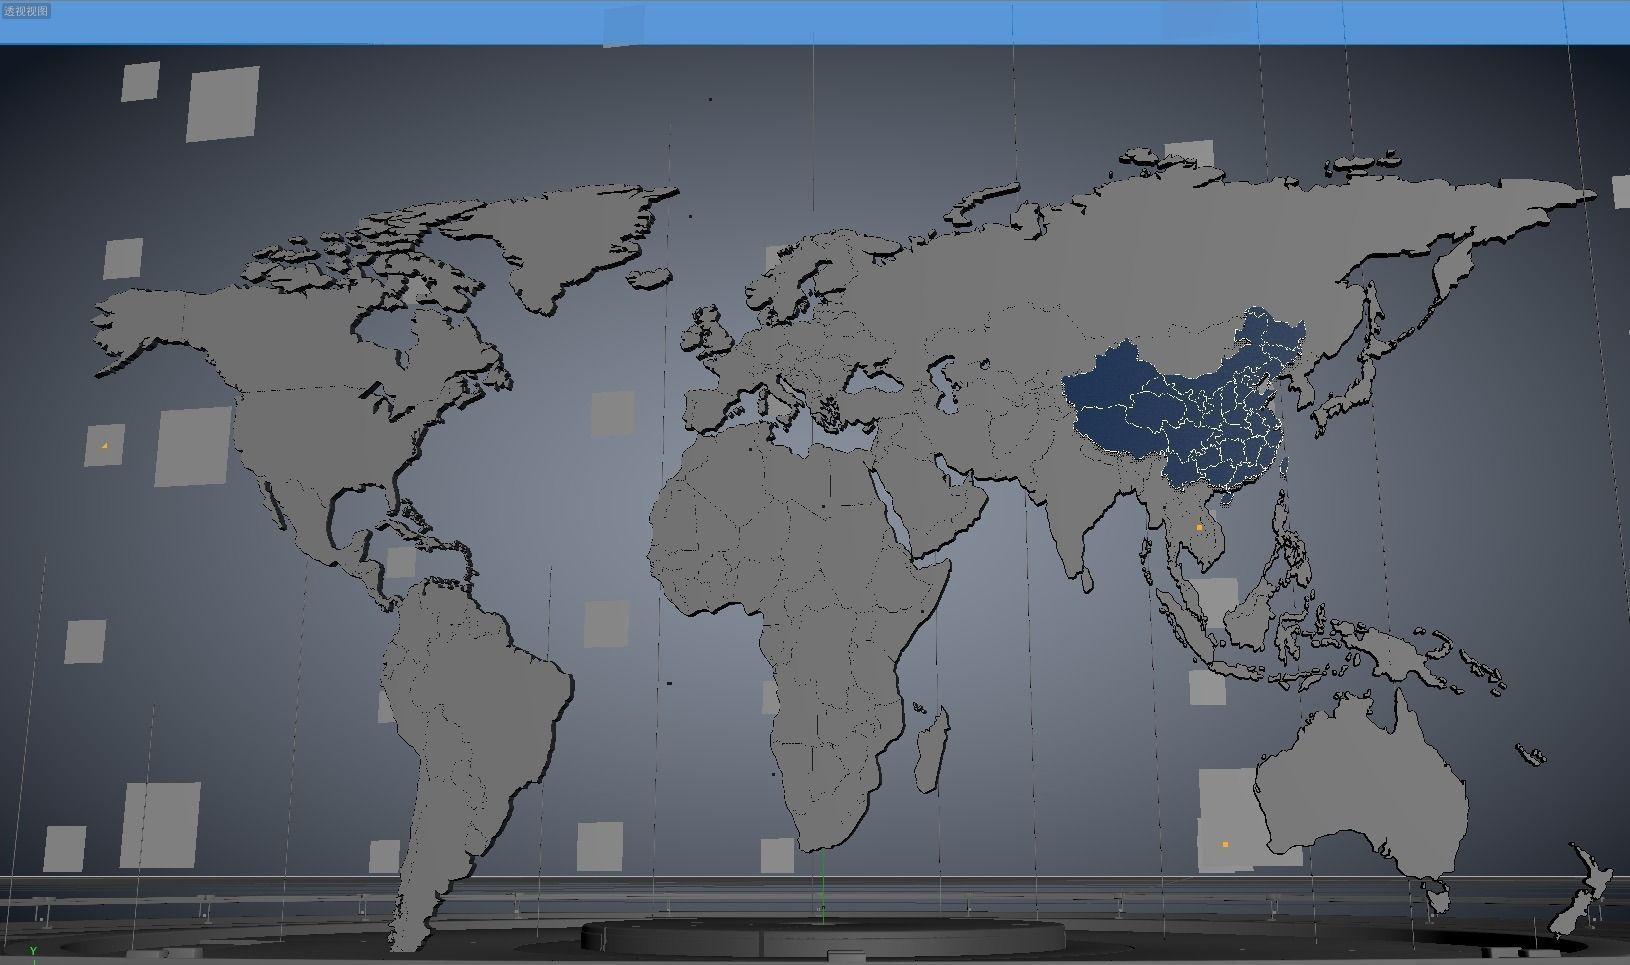 3d cinema 4d world map cgtrader cinema 4d world map 3d model fbx c4d 4 gumiabroncs Gallery